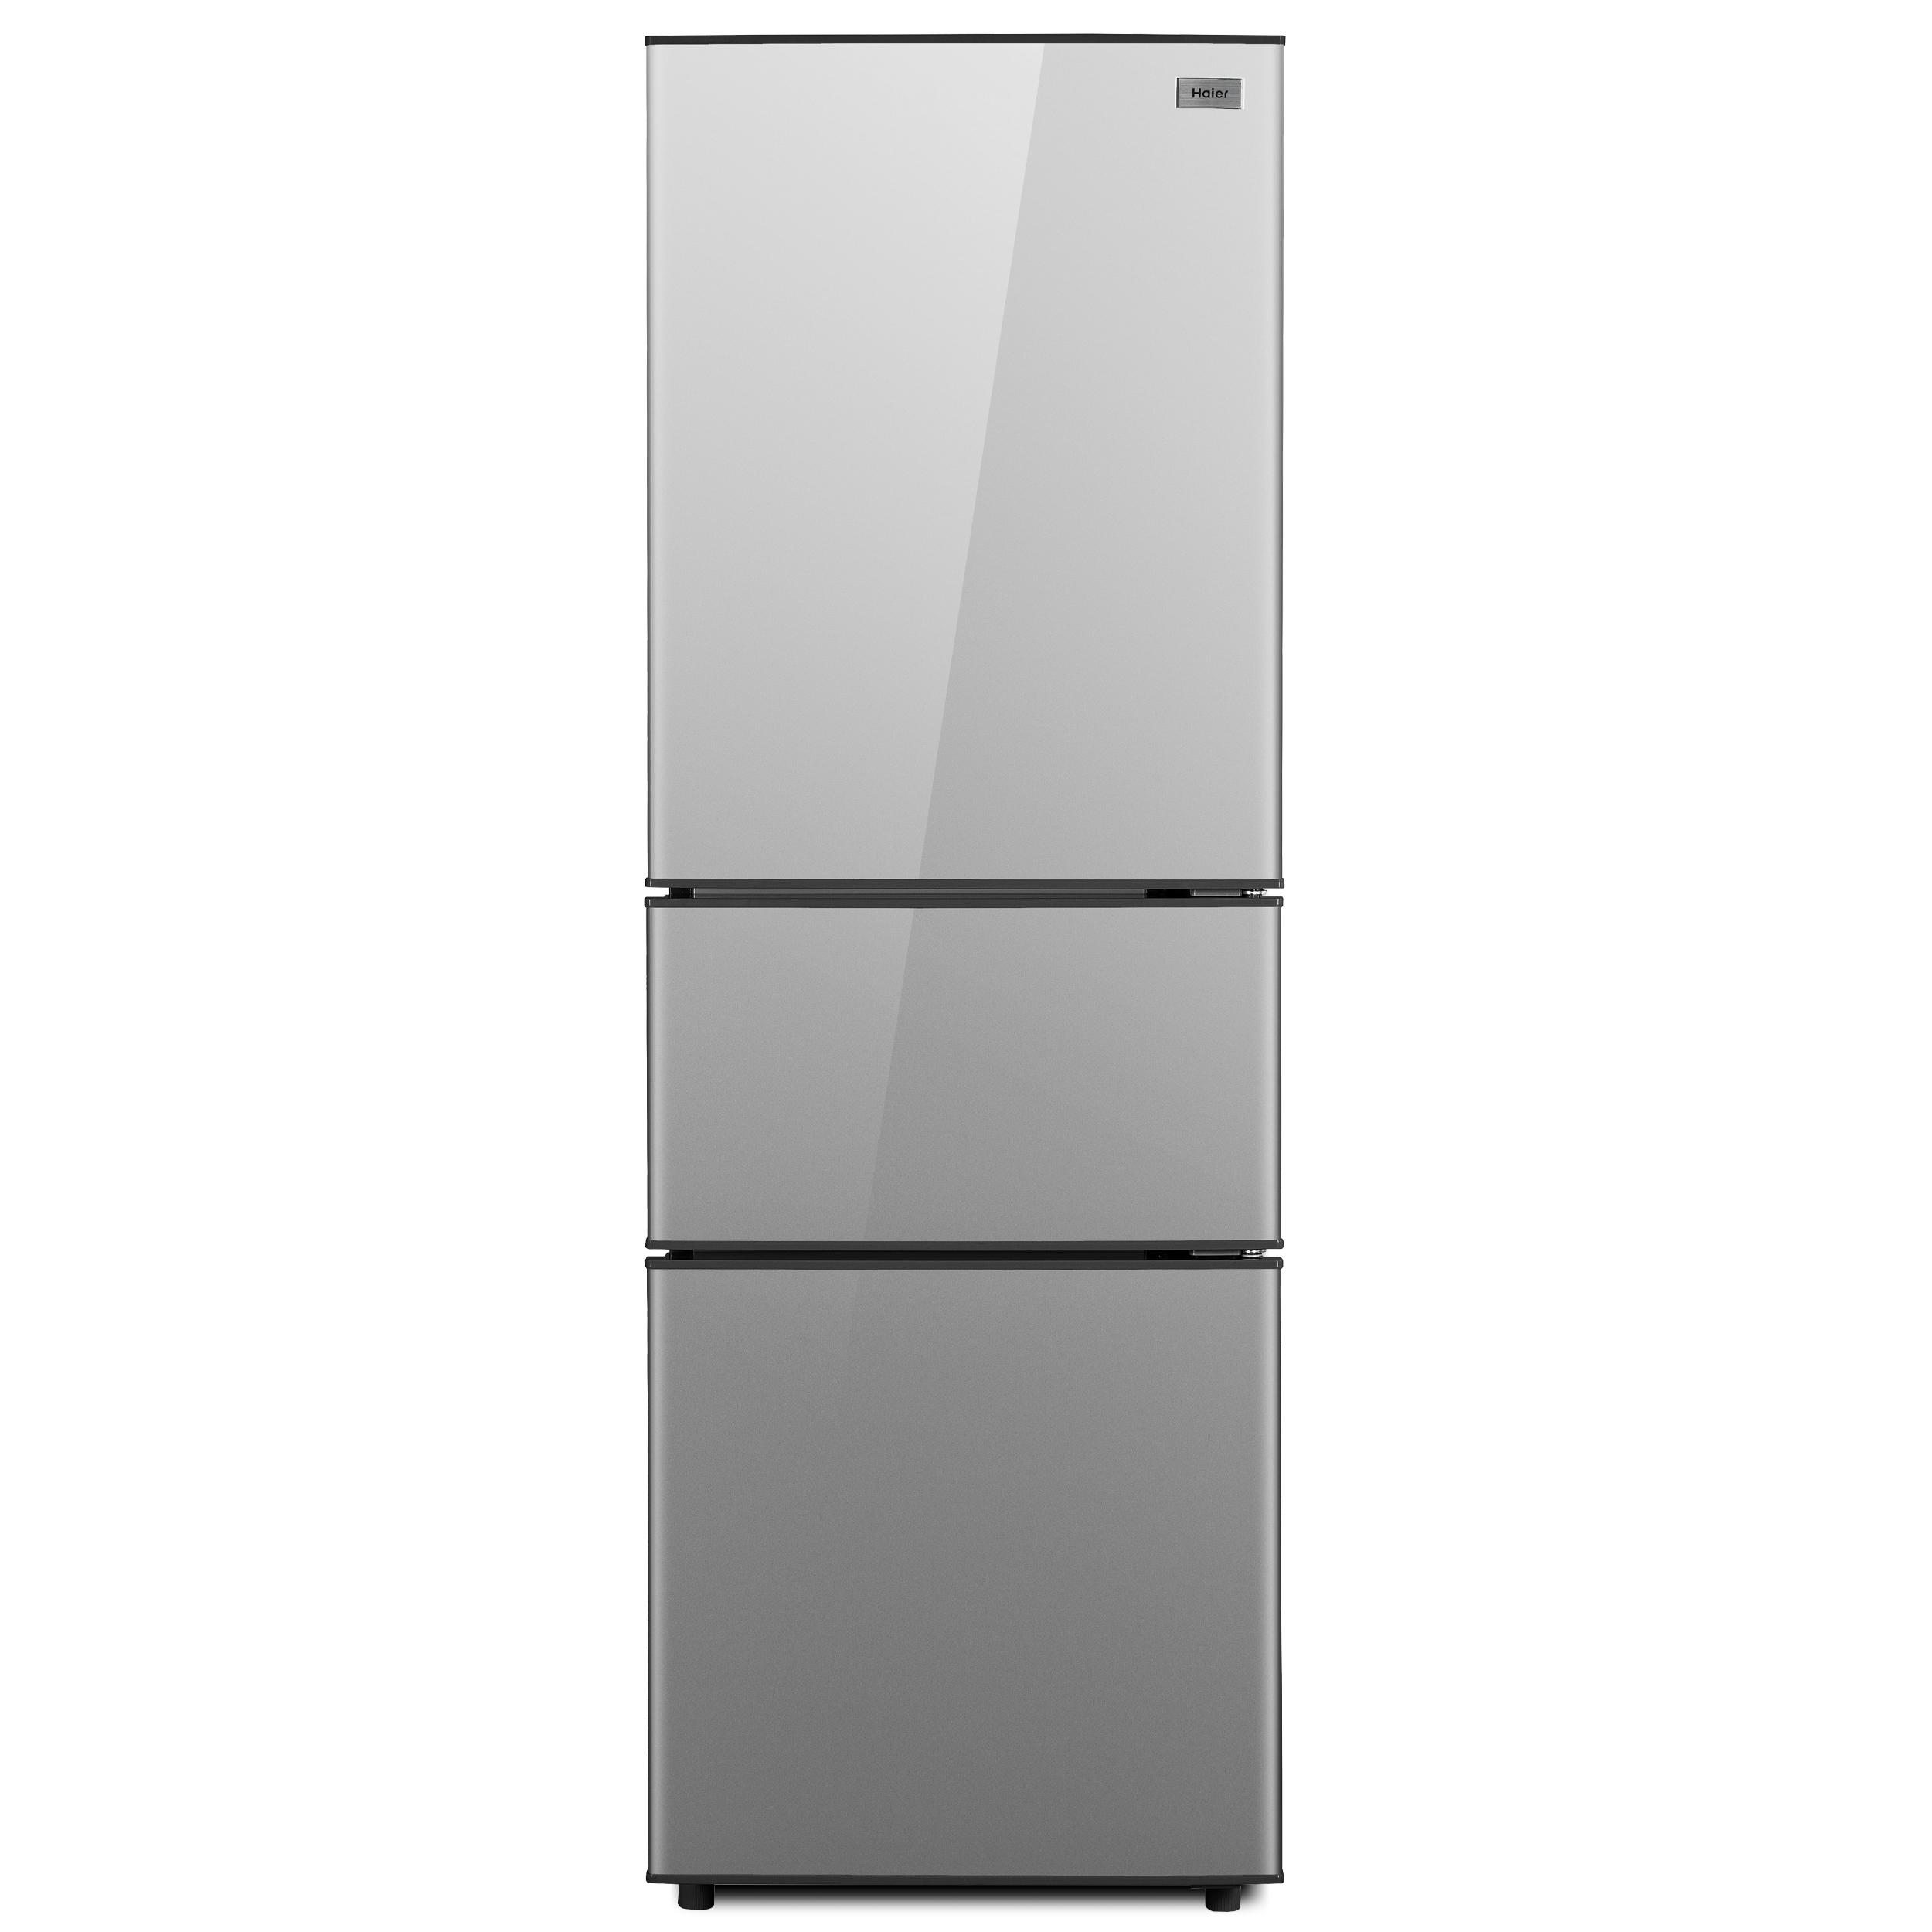 하이얼 미니 3도어 일반소형냉장고 메탈실버 190L 방문설치, HRB212MDS-6-5625455423